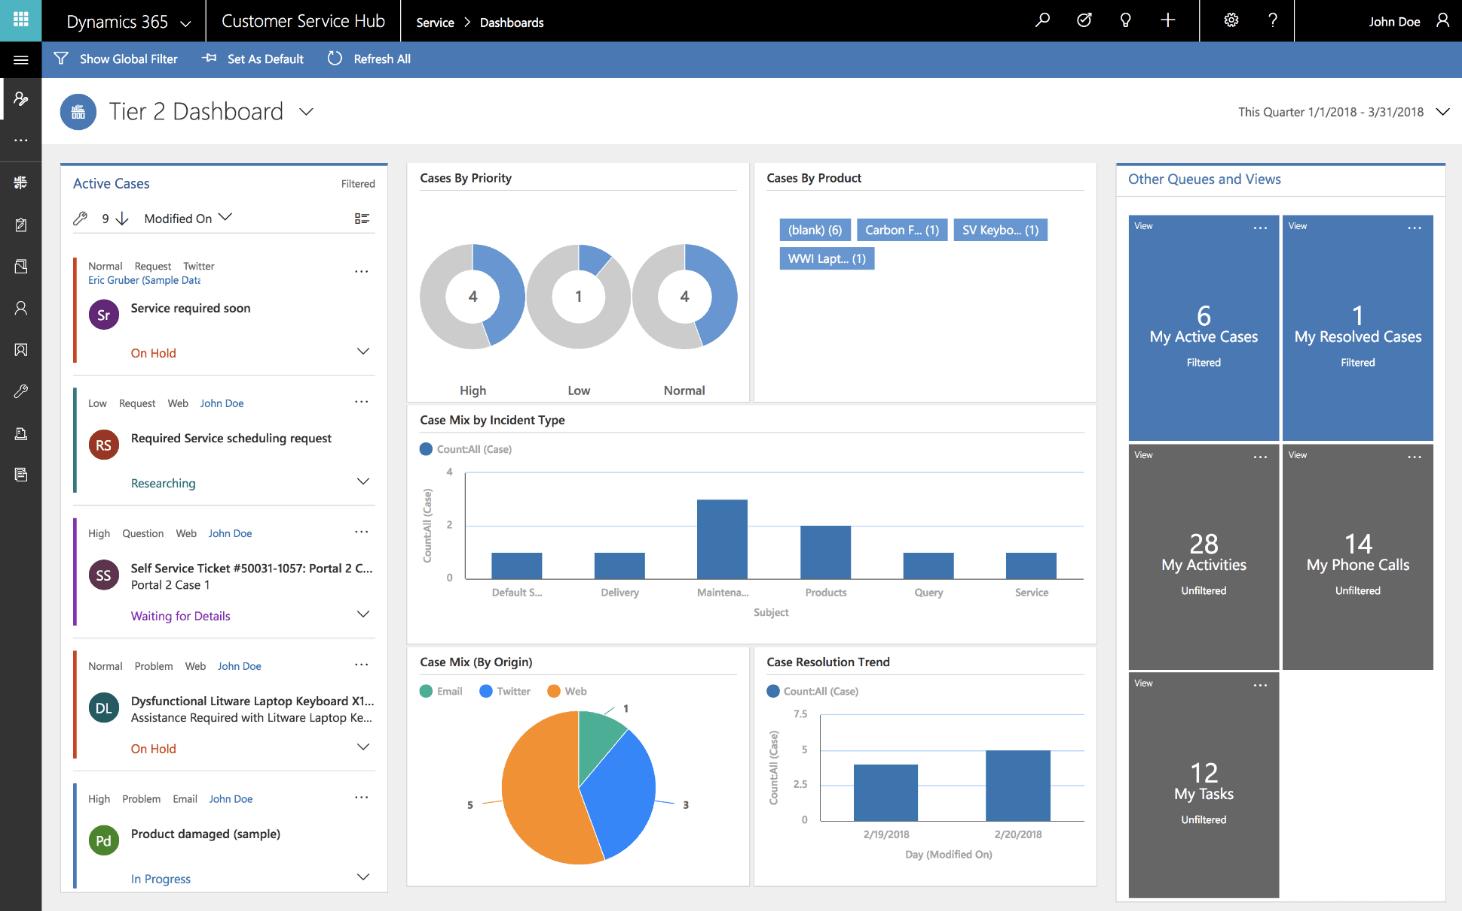 Microsoft Dynamics: Interactive dashboard